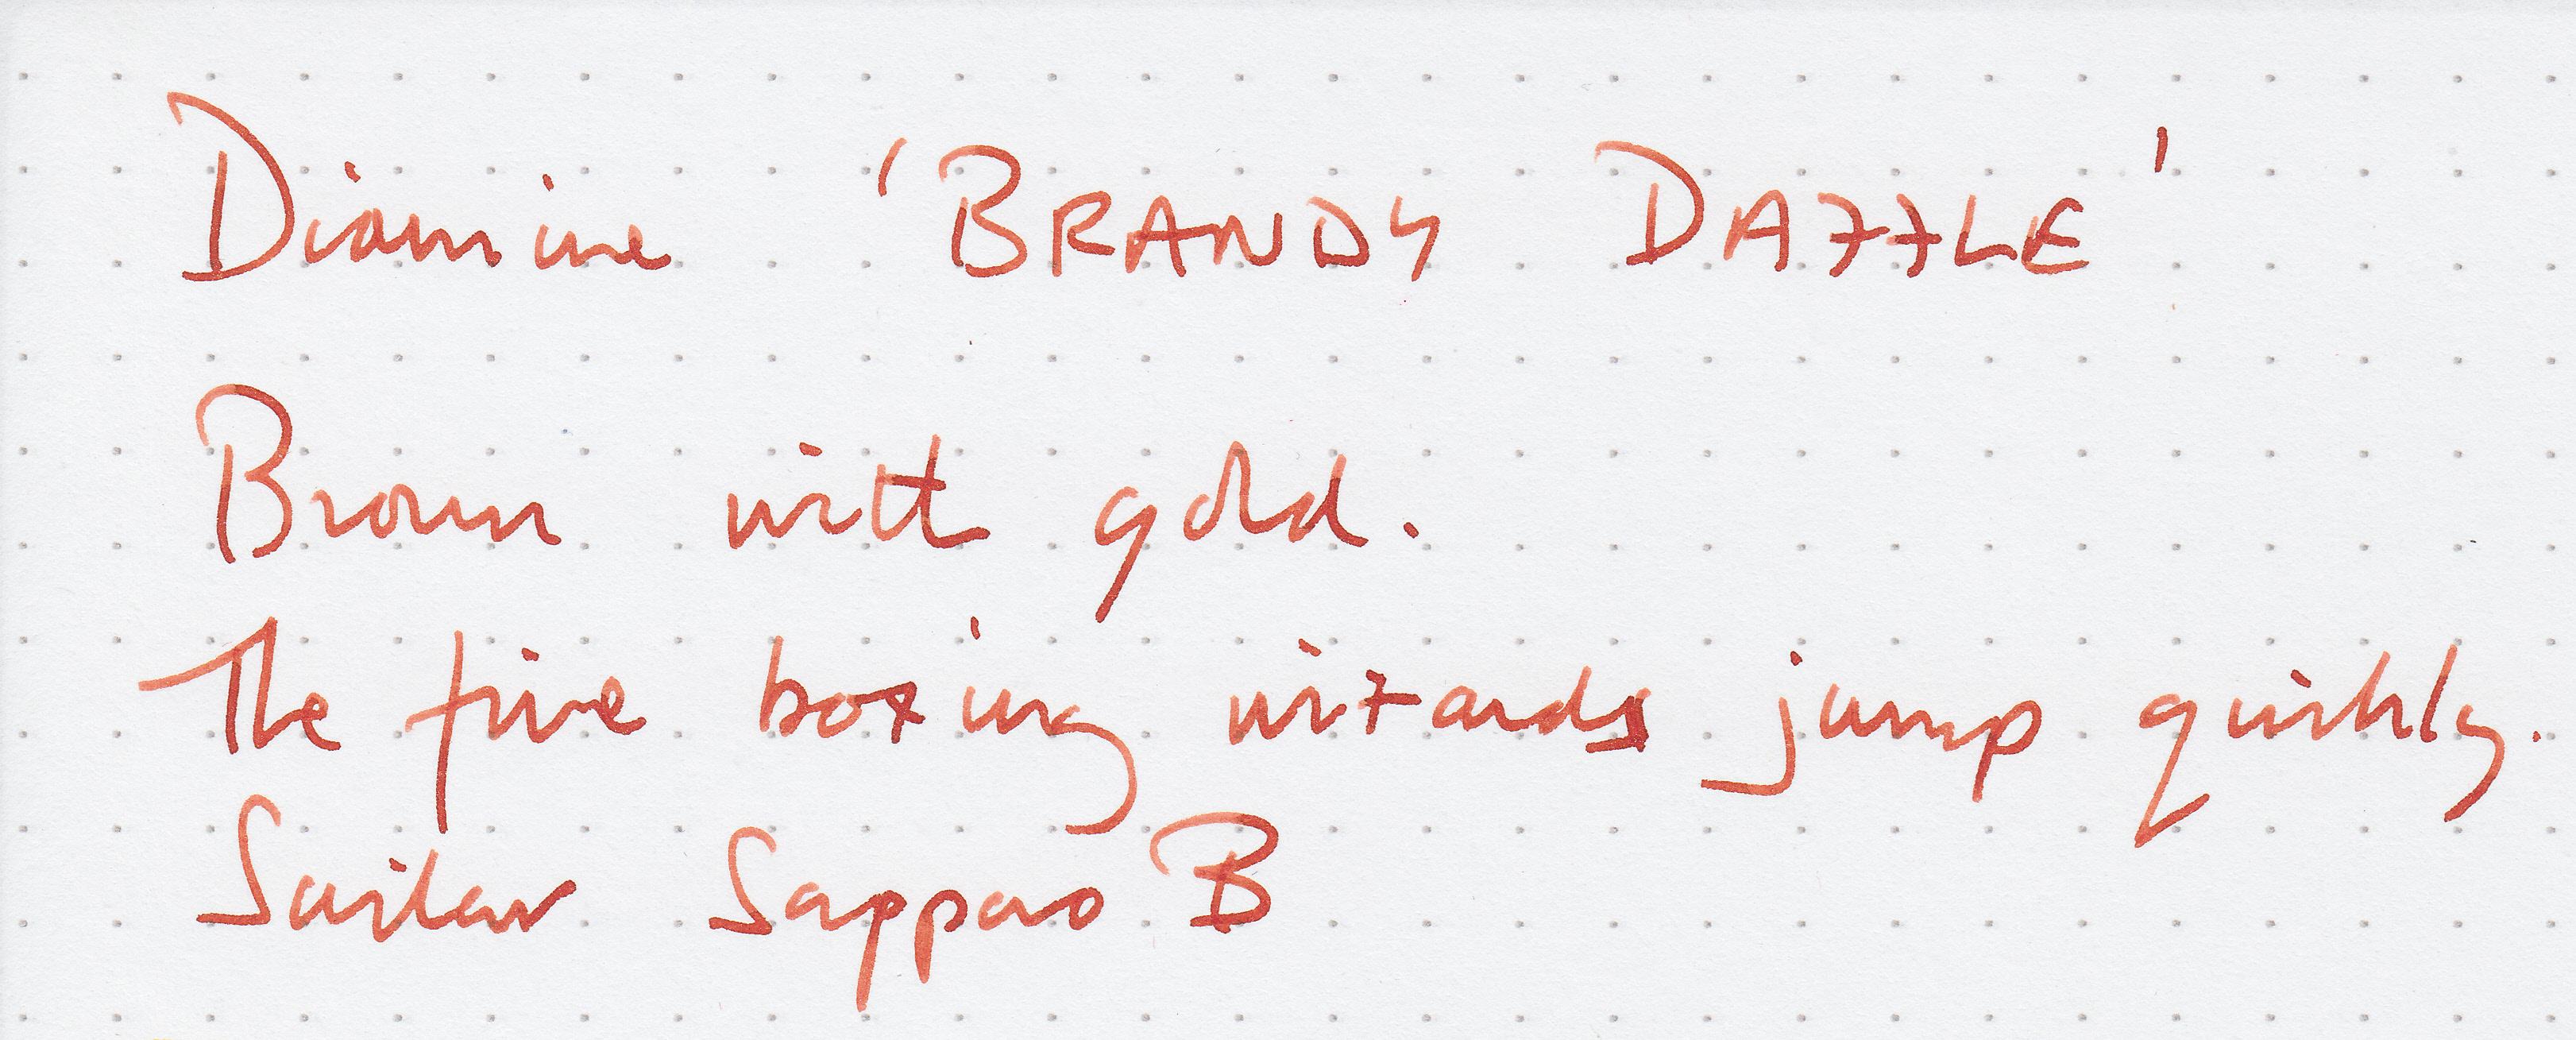 fpn_1440604139__diamine_brandy_dazzle.jp